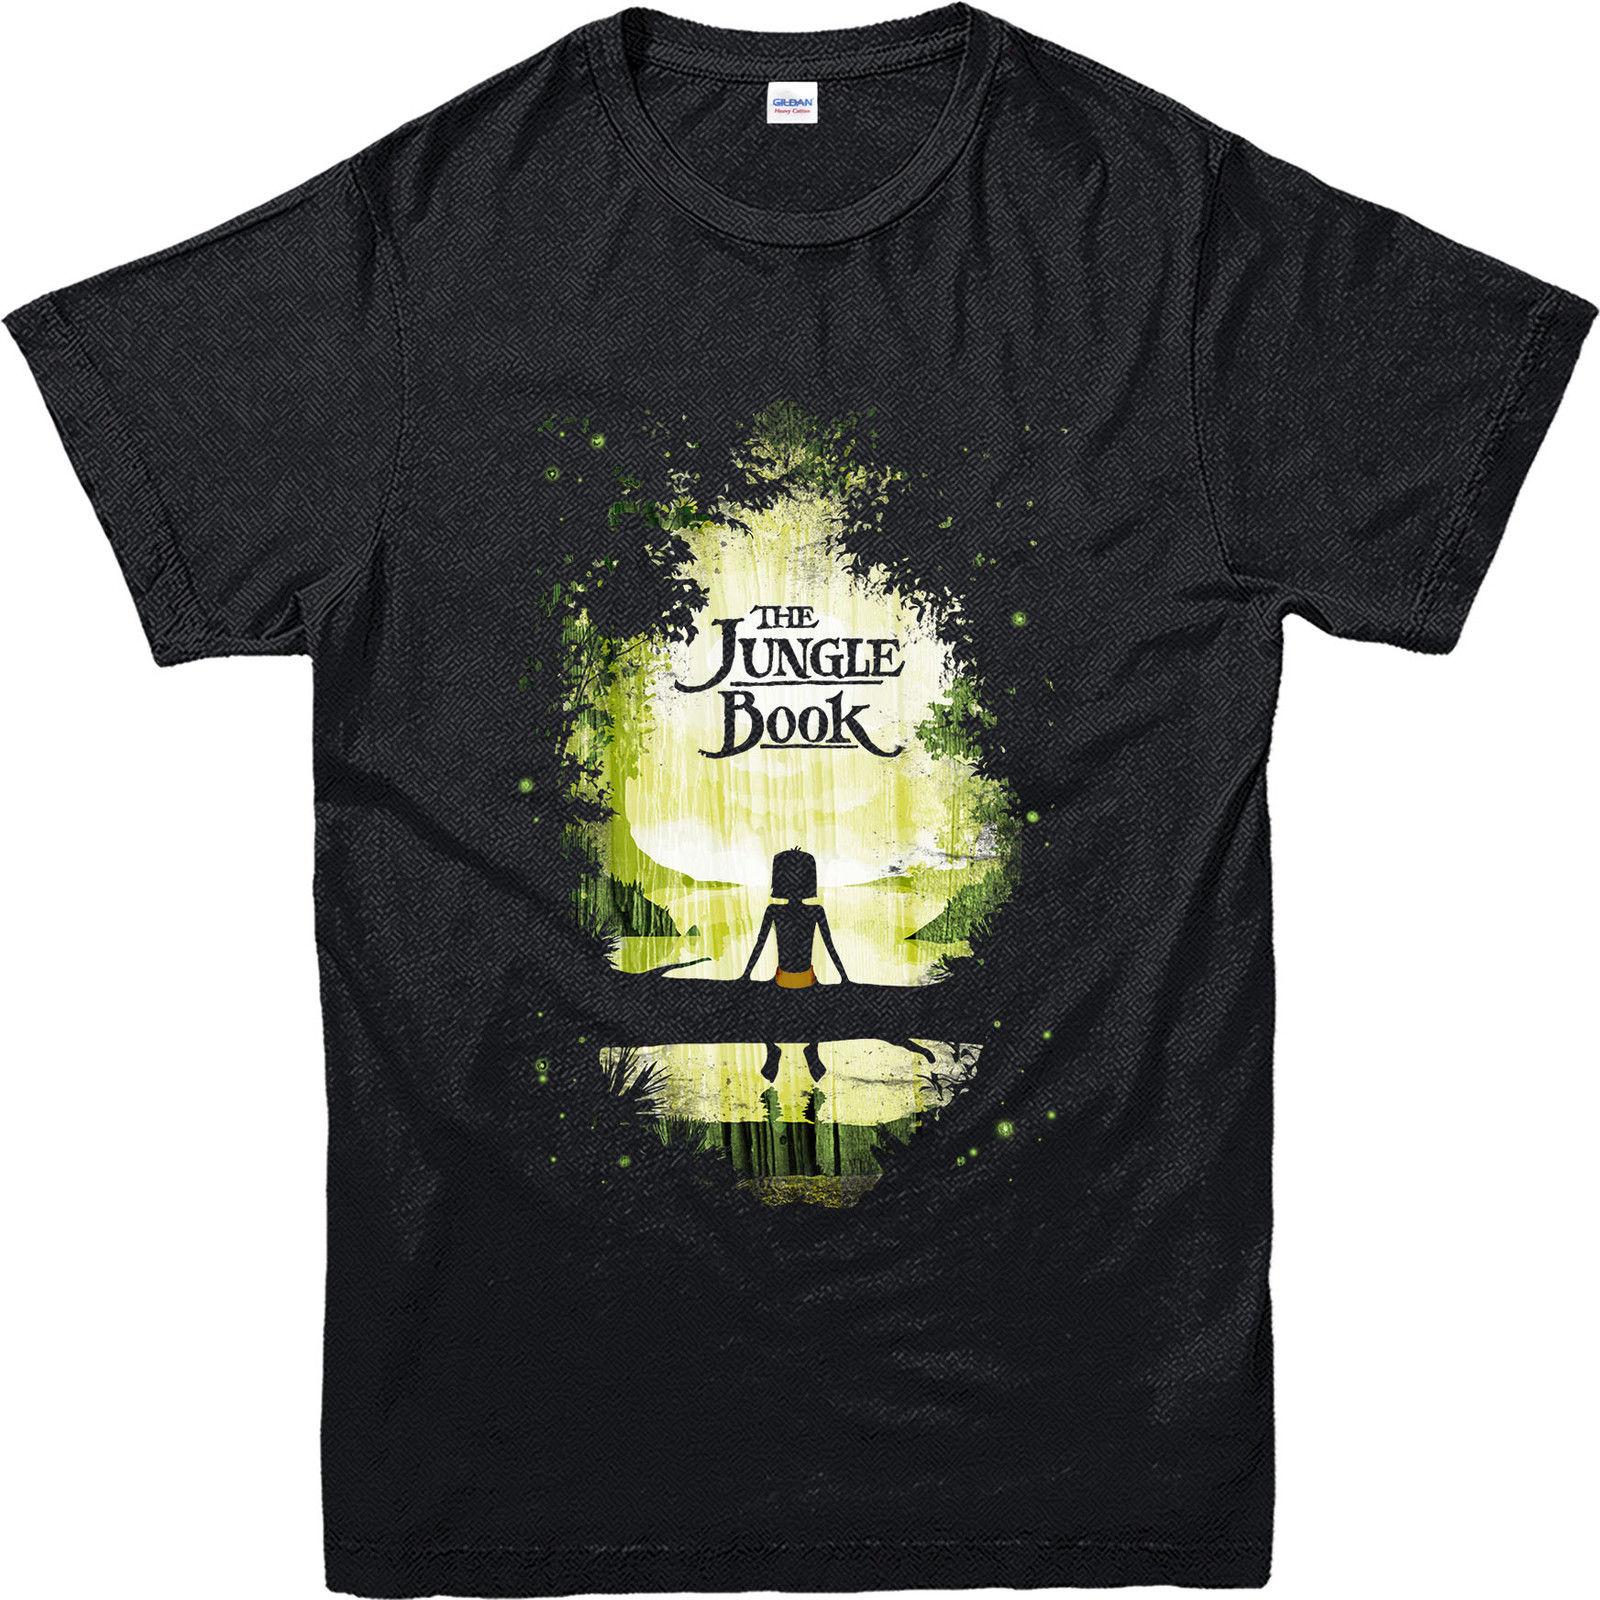 Shirt design book - Men S T Shirt 2017 Newest Jungle Book T Shirt Sunset Jungle View Inspired Design T Shirt Men T Shirt 100 Cotton Print Shirts